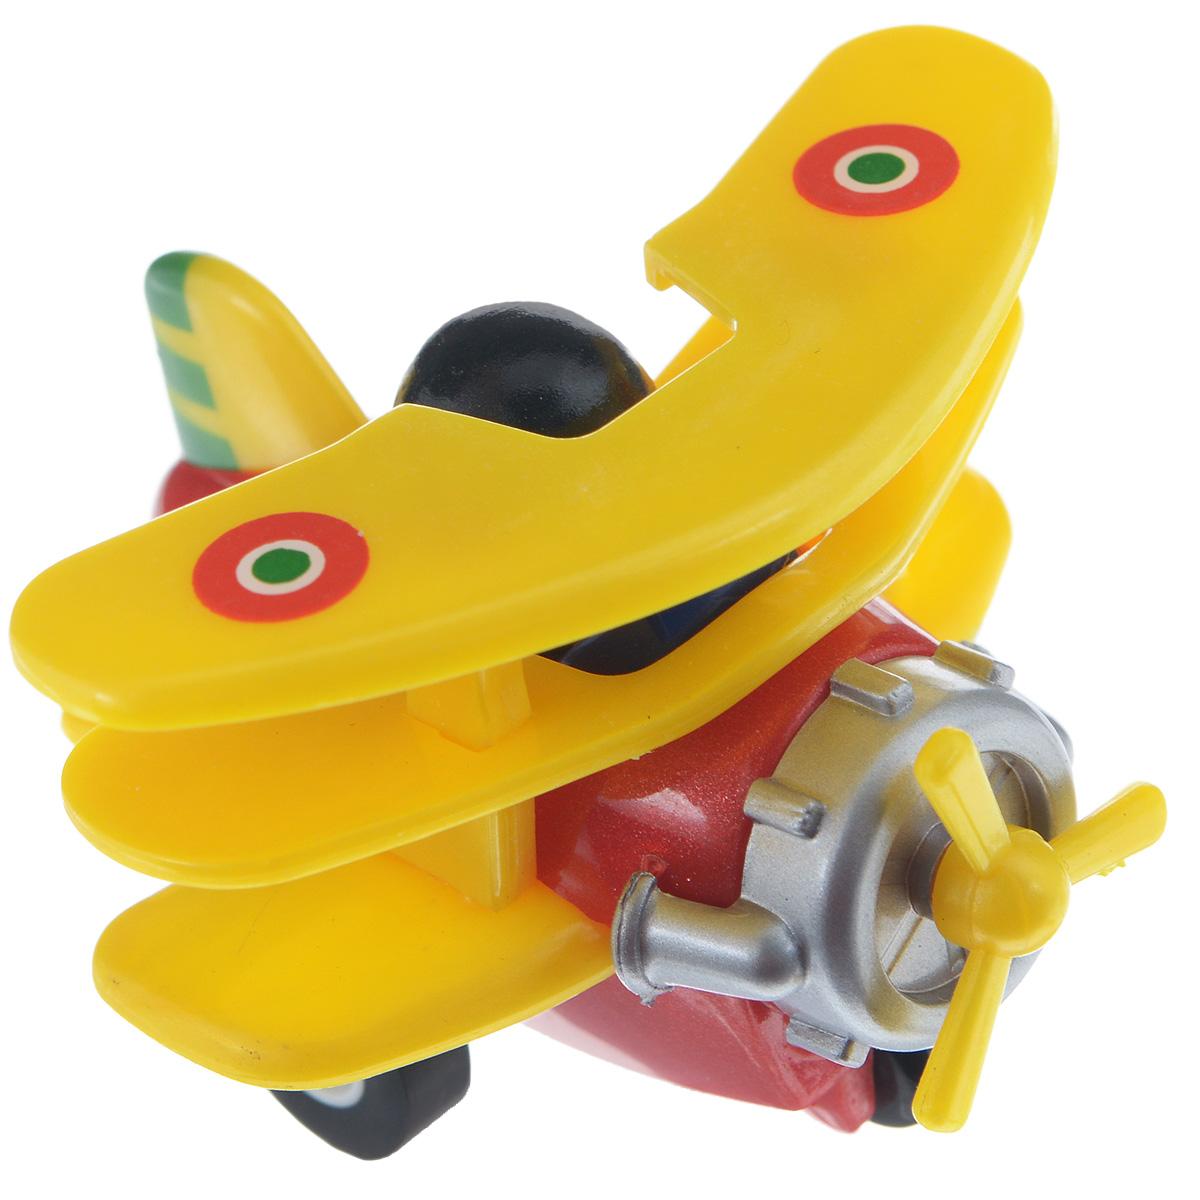 Hans Самолет инерционный цвет желтый красный ca dc528